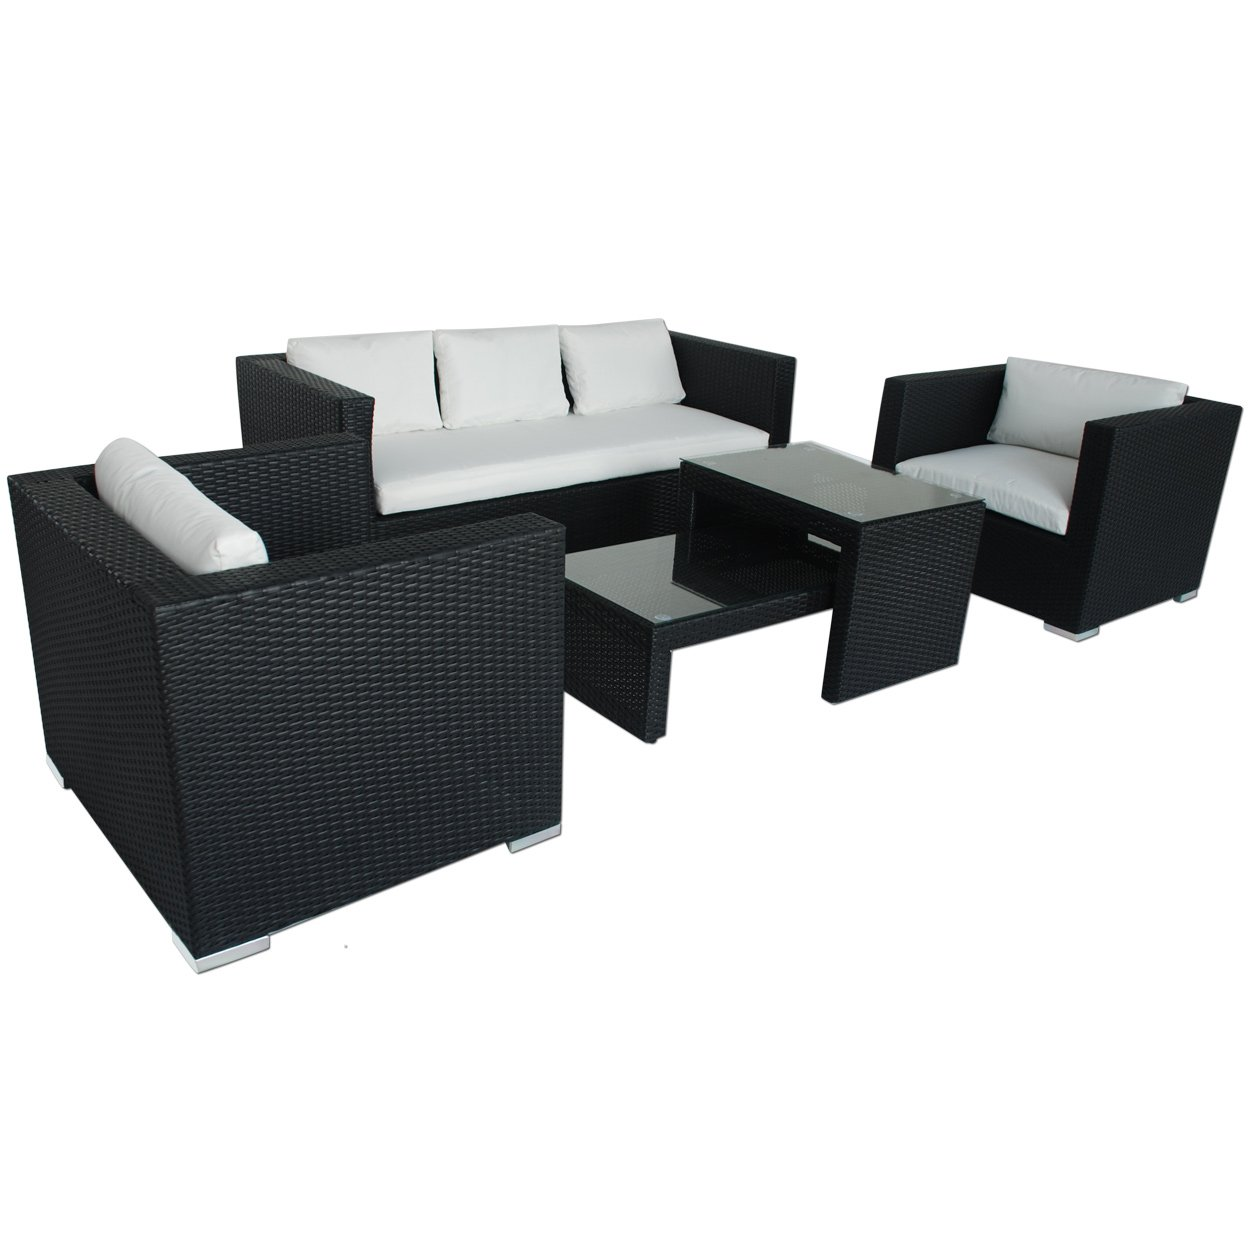 Polyrattan Lounge Santo Domingo (schwarz) online bestellen